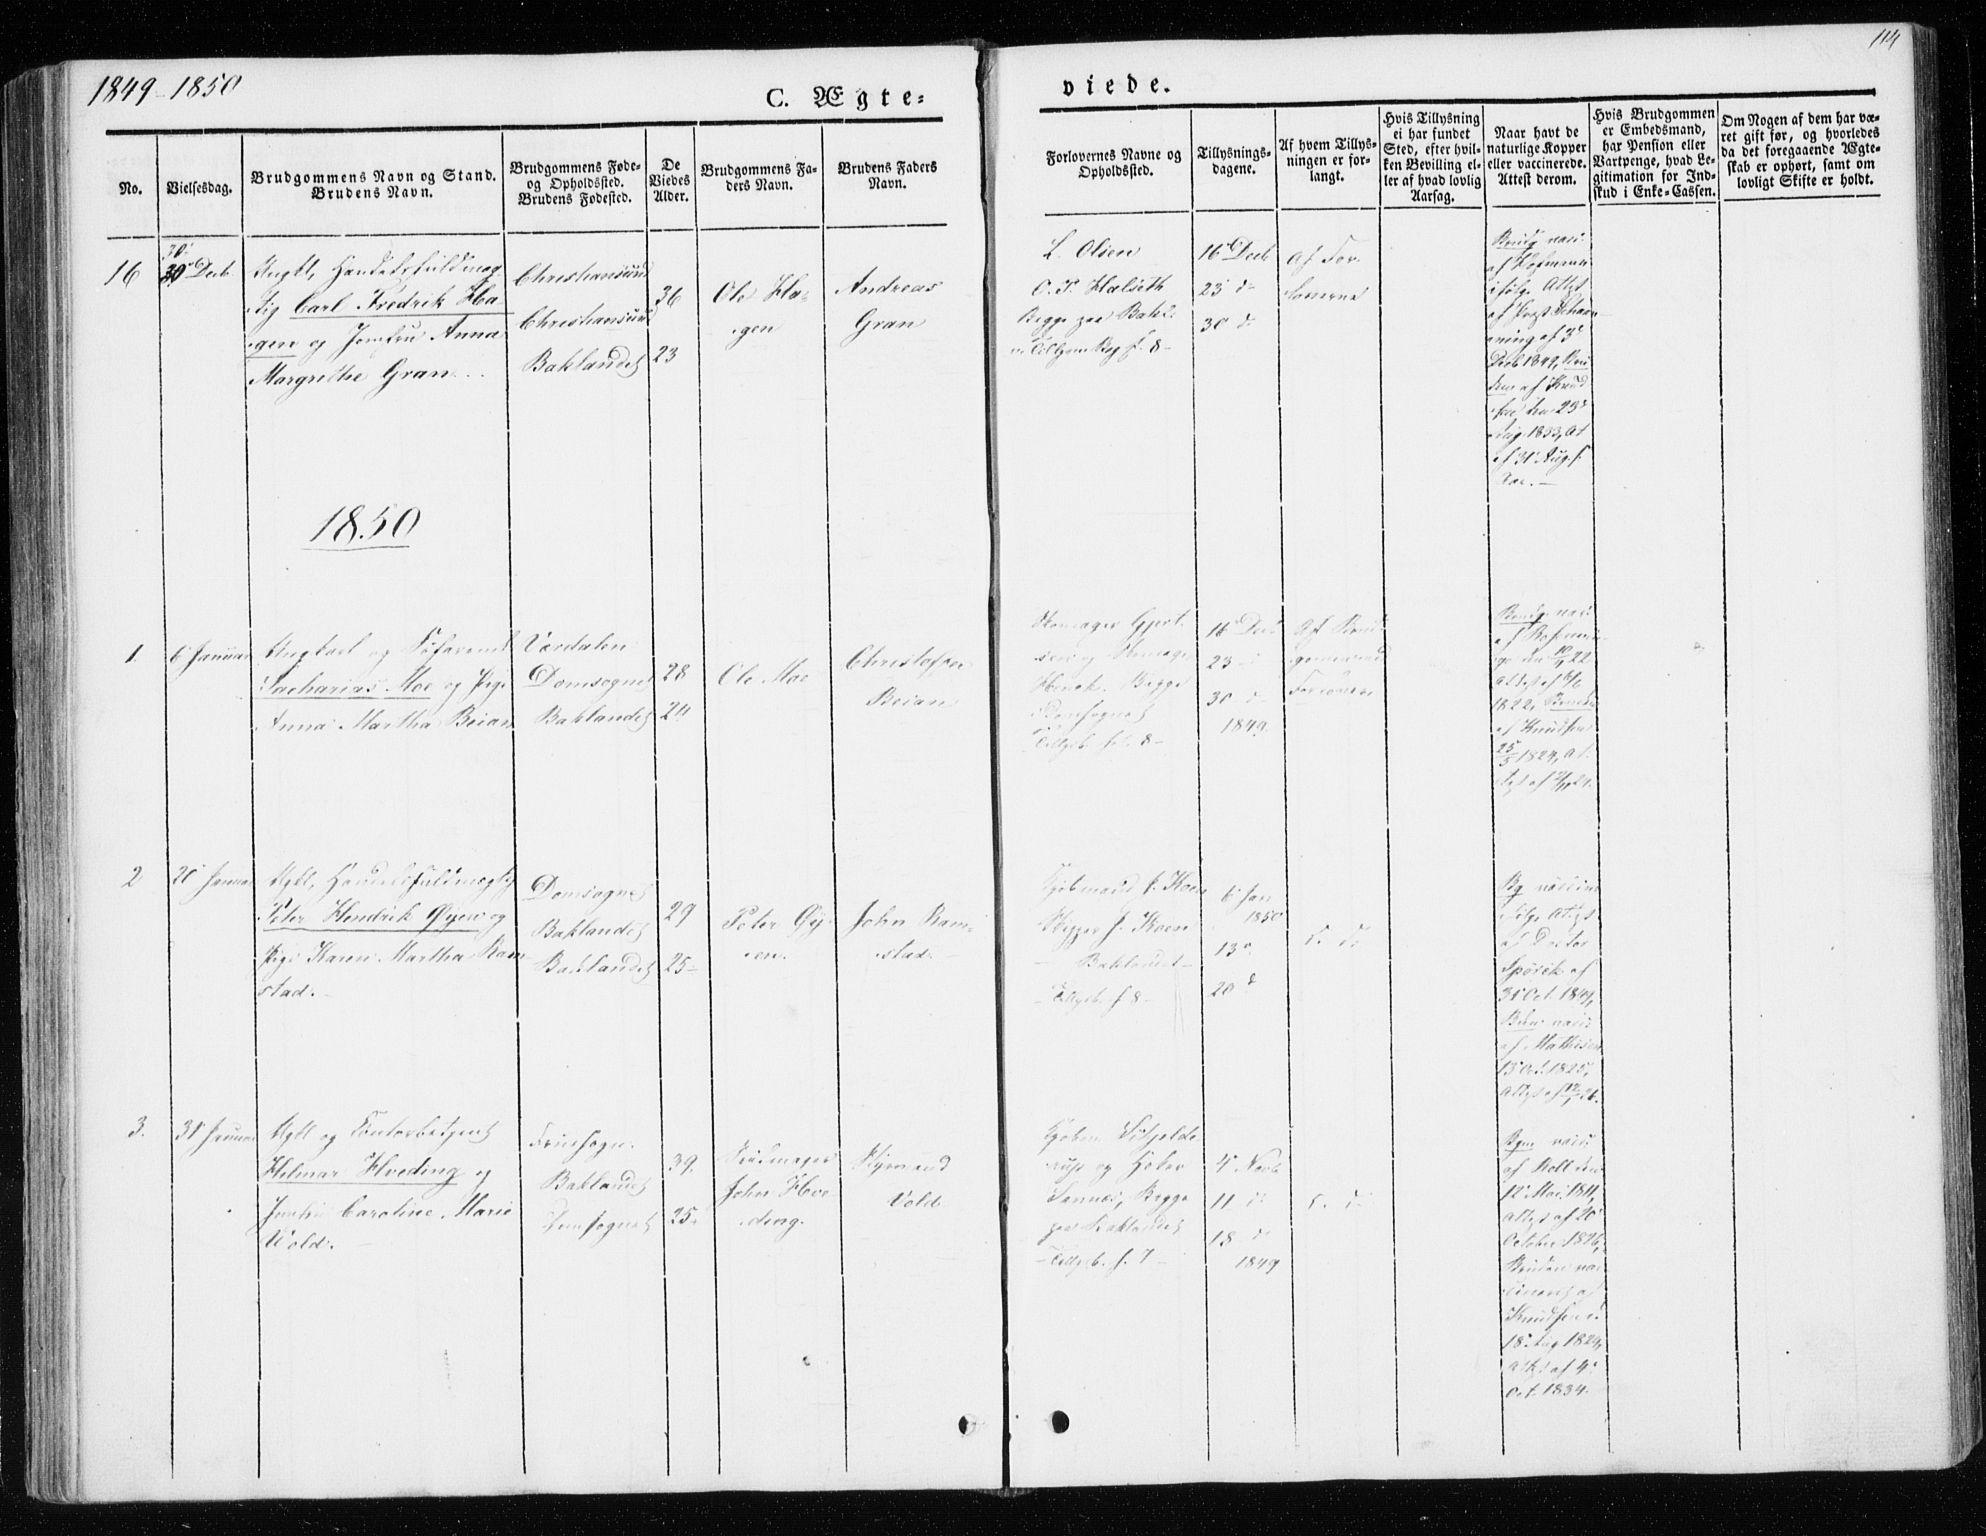 SAT, Ministerialprotokoller, klokkerbøker og fødselsregistre - Sør-Trøndelag, 604/L0183: Ministerialbok nr. 604A04, 1841-1850, s. 114